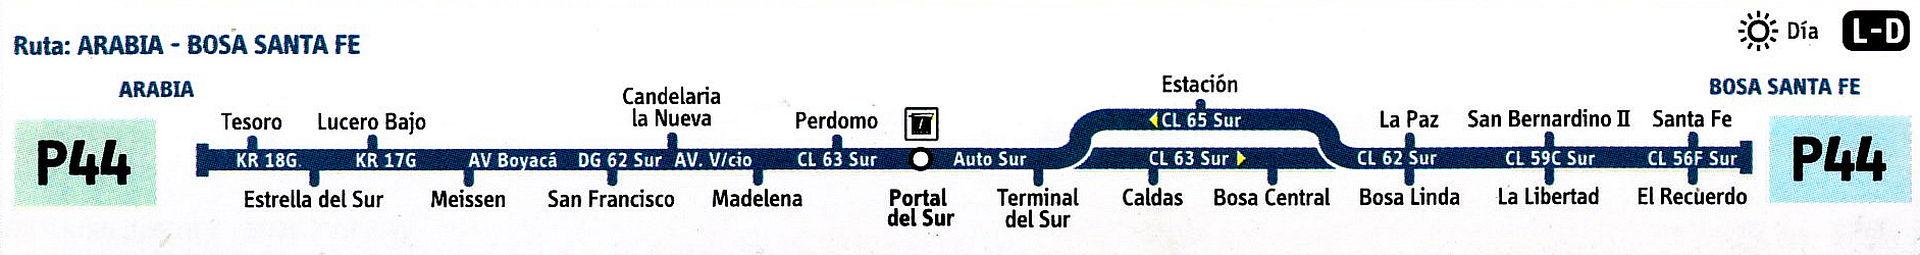 Ruta SITP: P44 Arabia ↔ Bosa Santafé [Urbana] 2